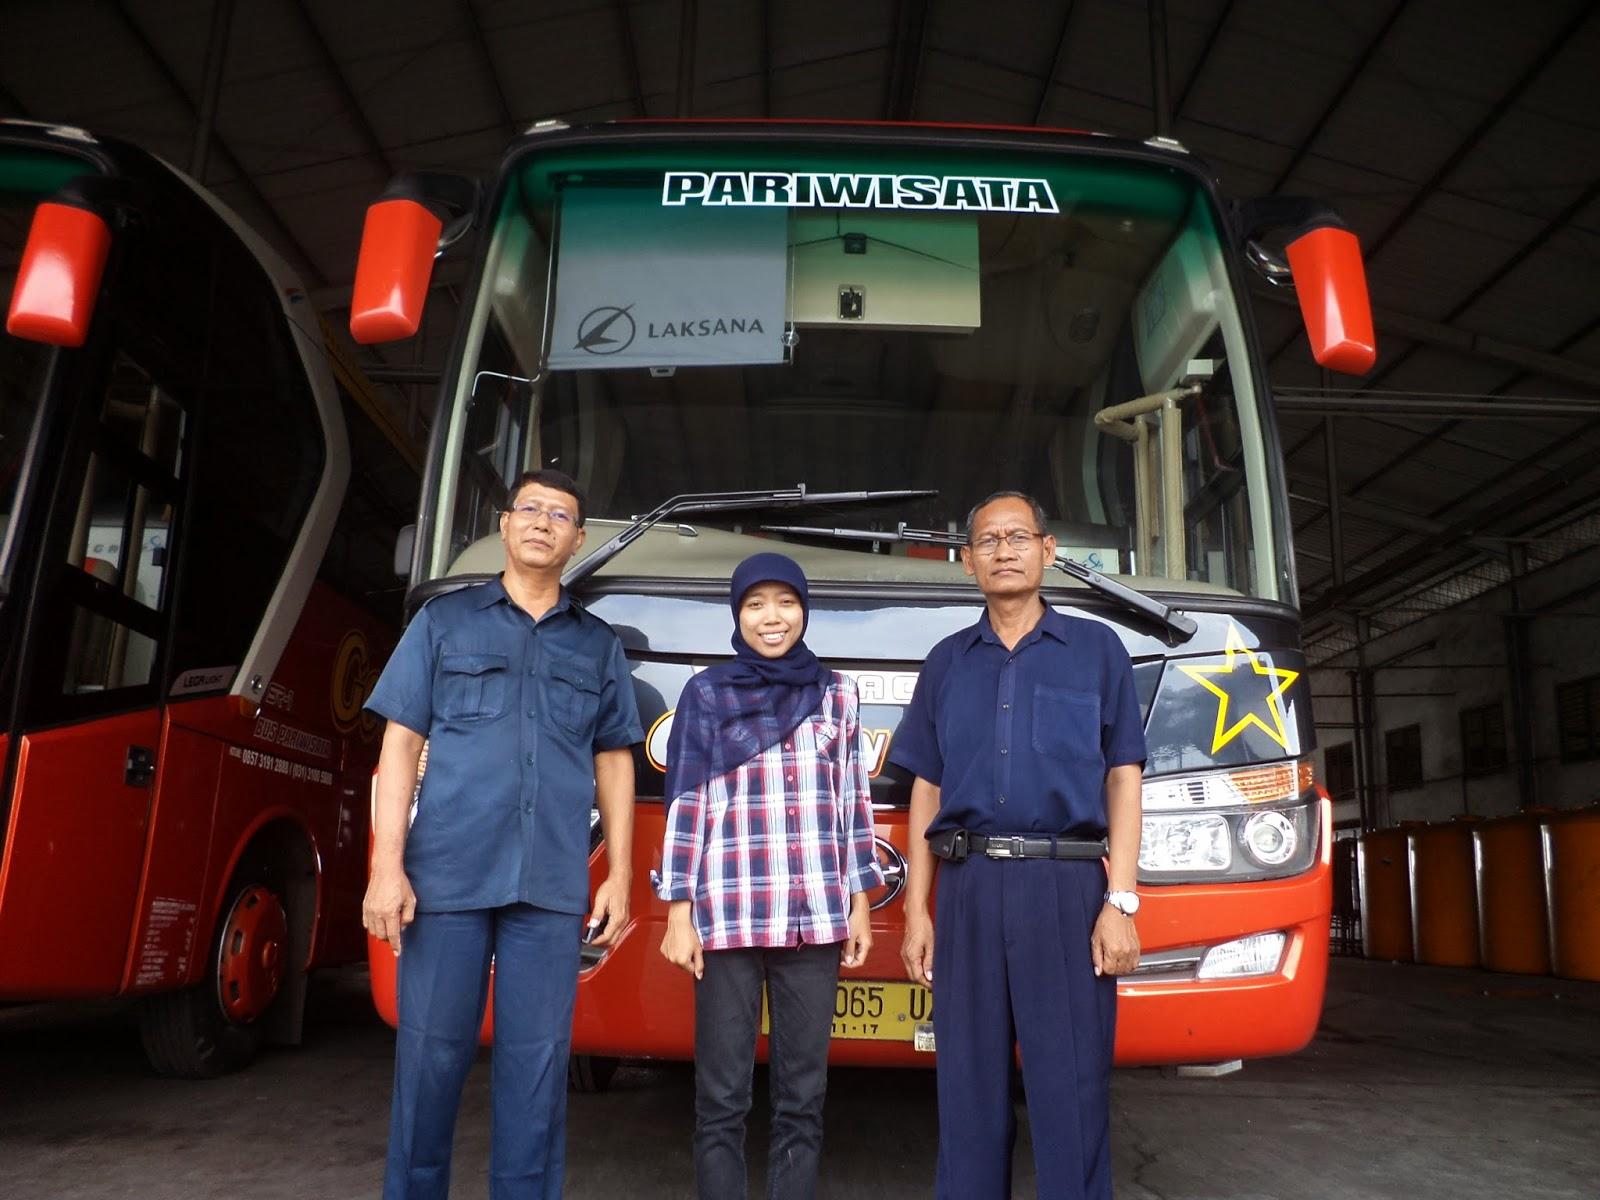 bus pariwisata sumber group